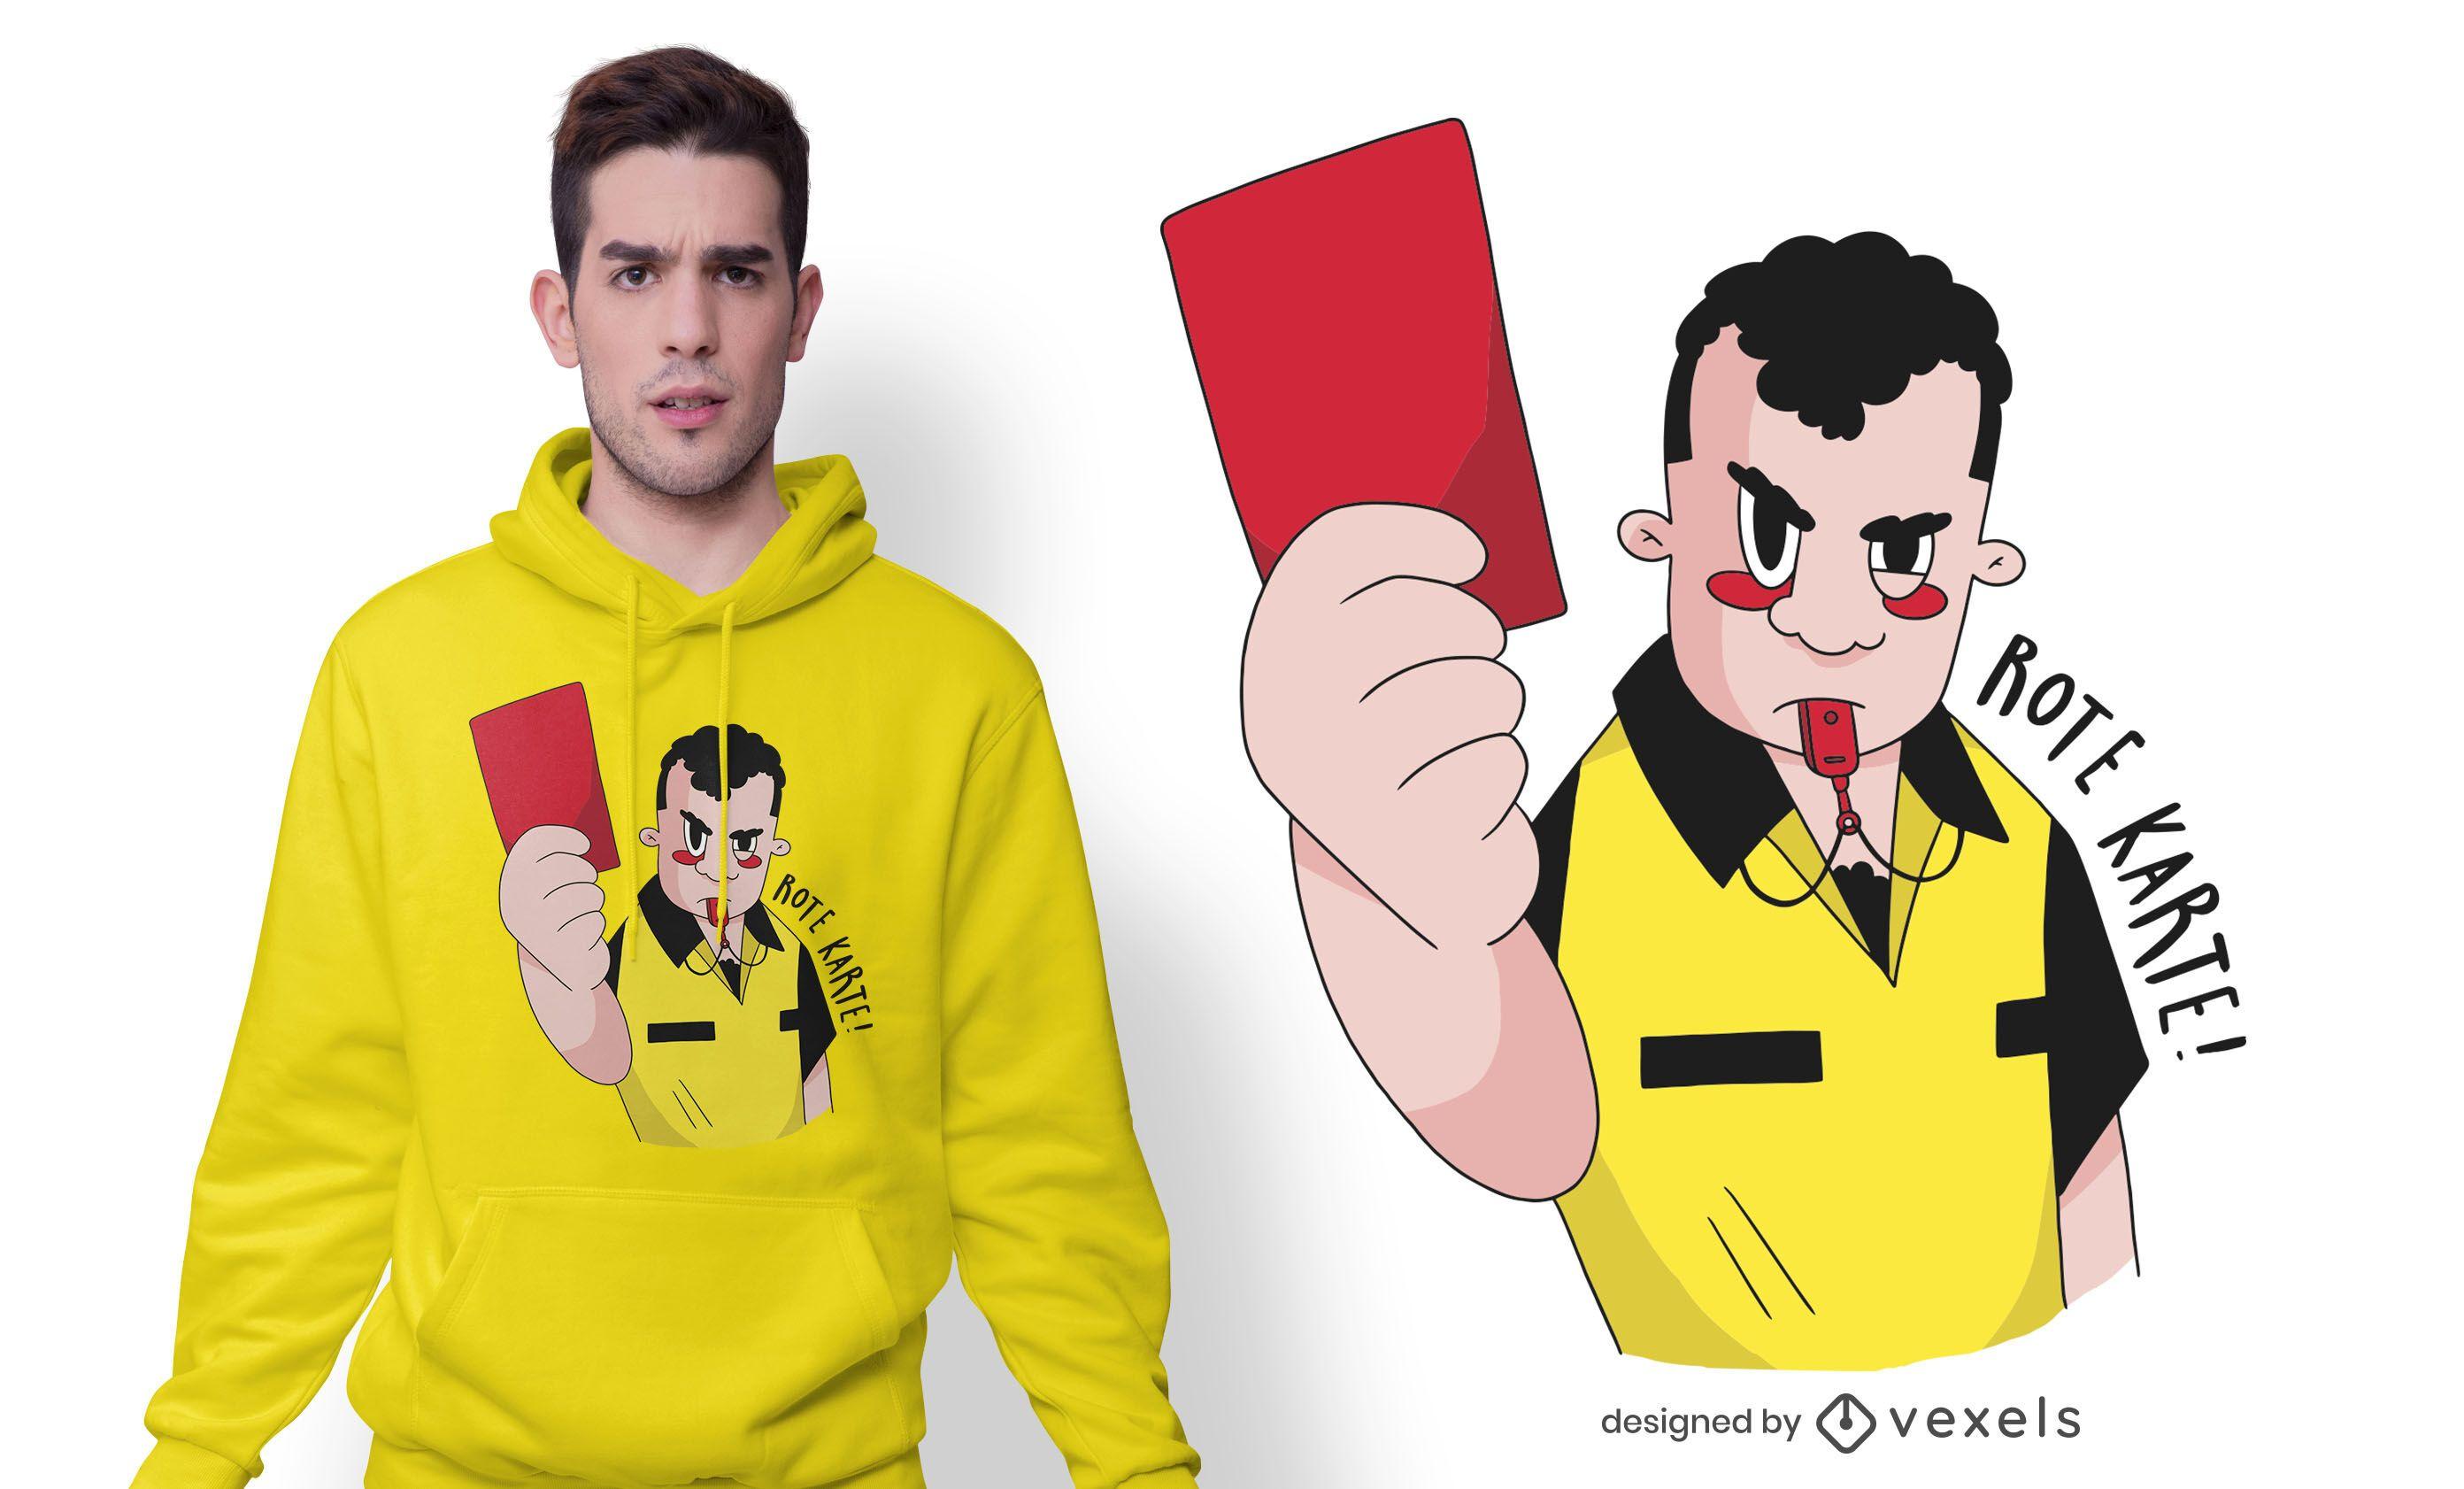 Rote Karte Deutsches T-Shirt Design